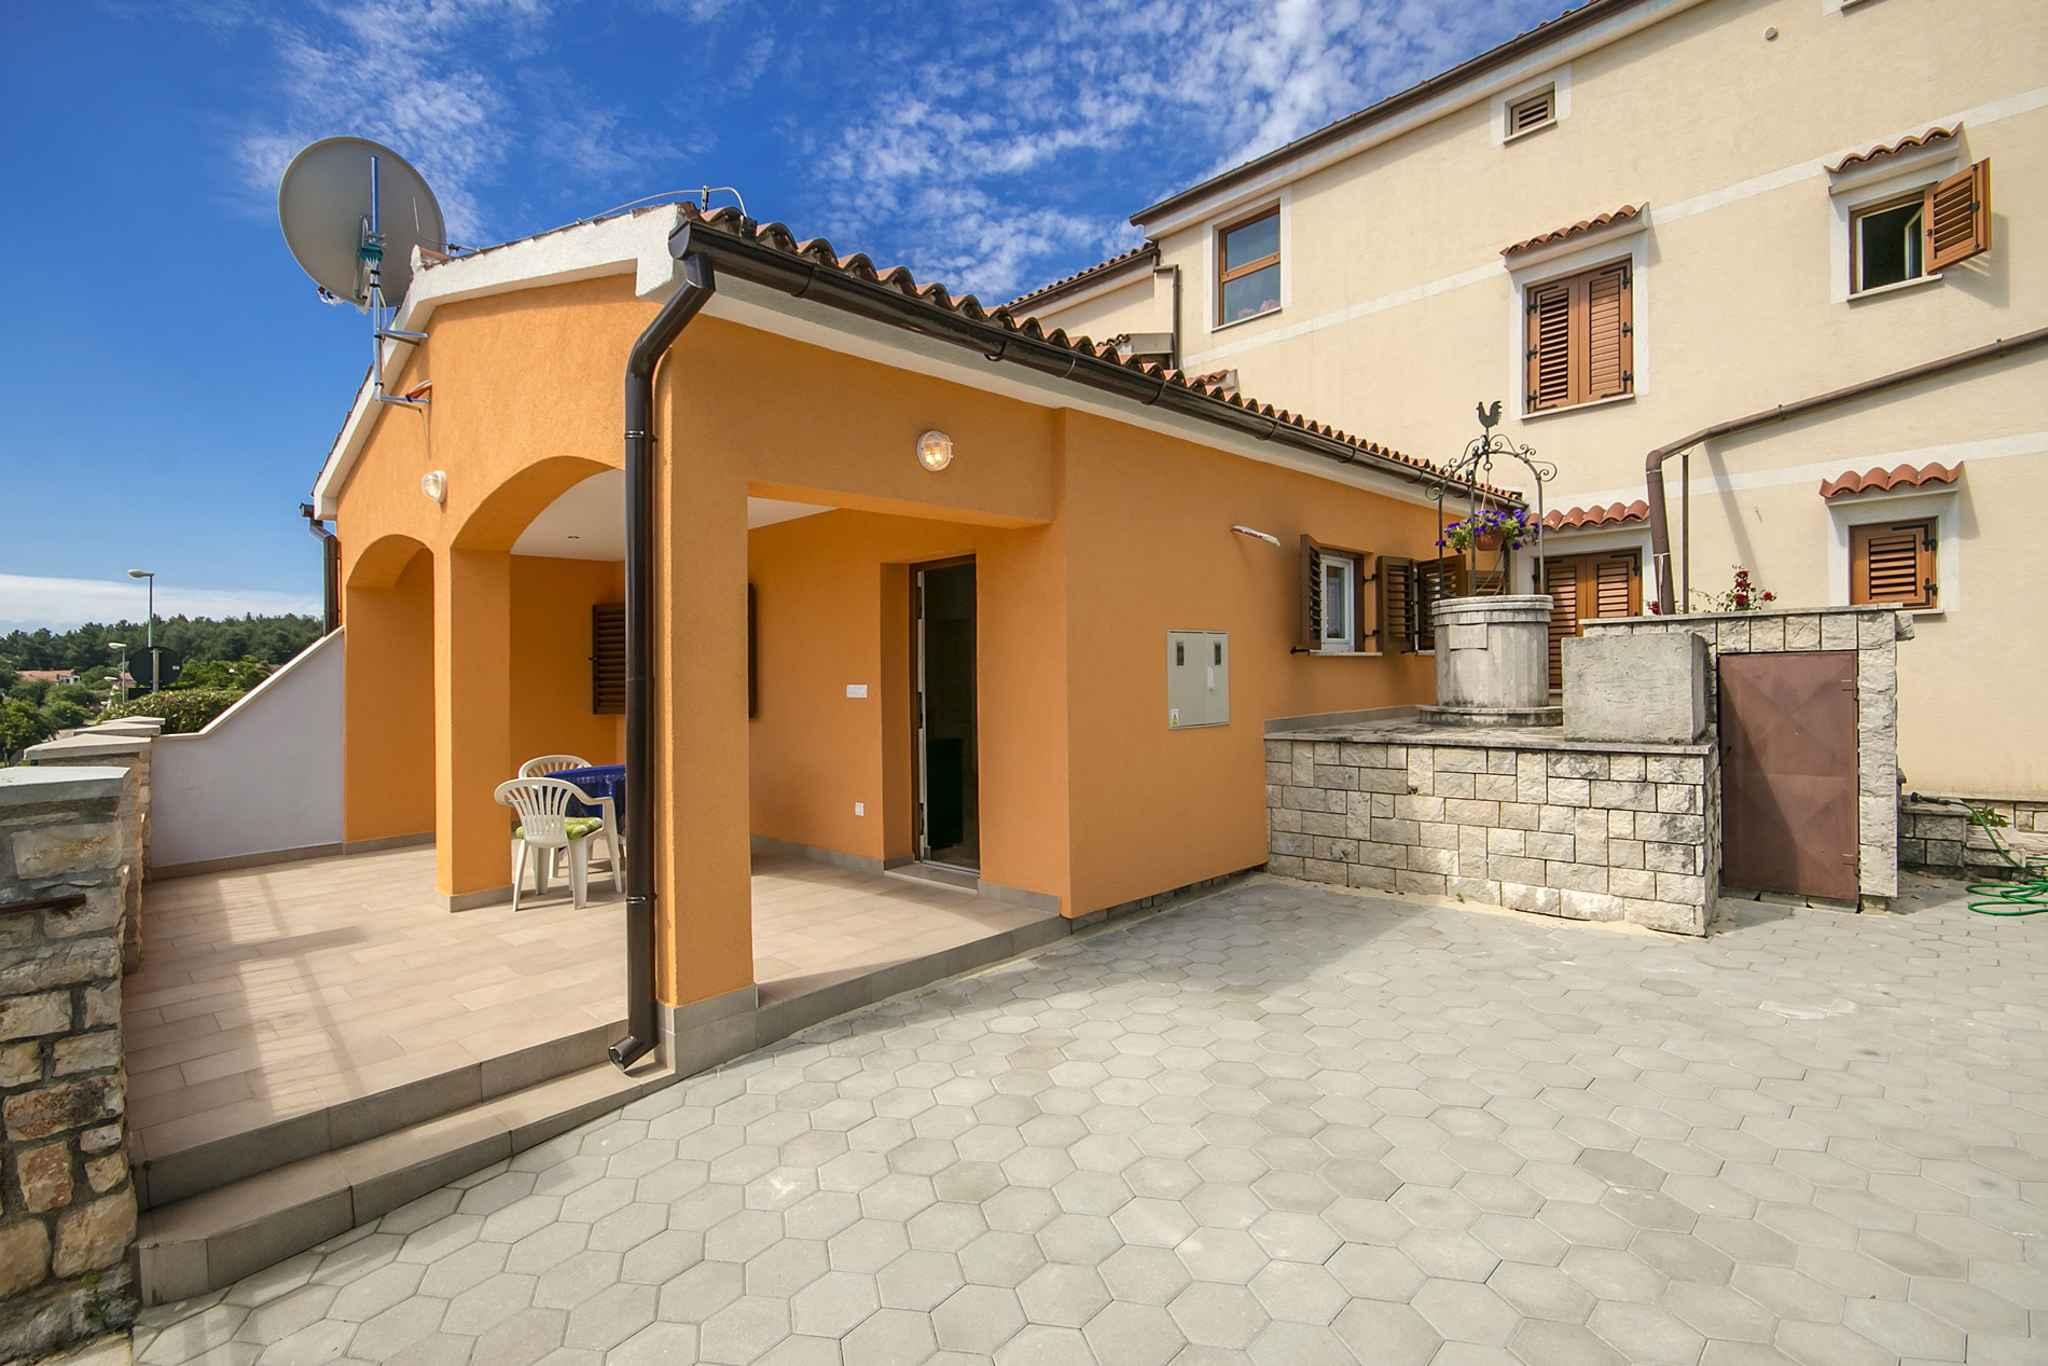 Ferienwohnung mit Garten und Grill (280240), Porec, , Istrien, Kroatien, Bild 2